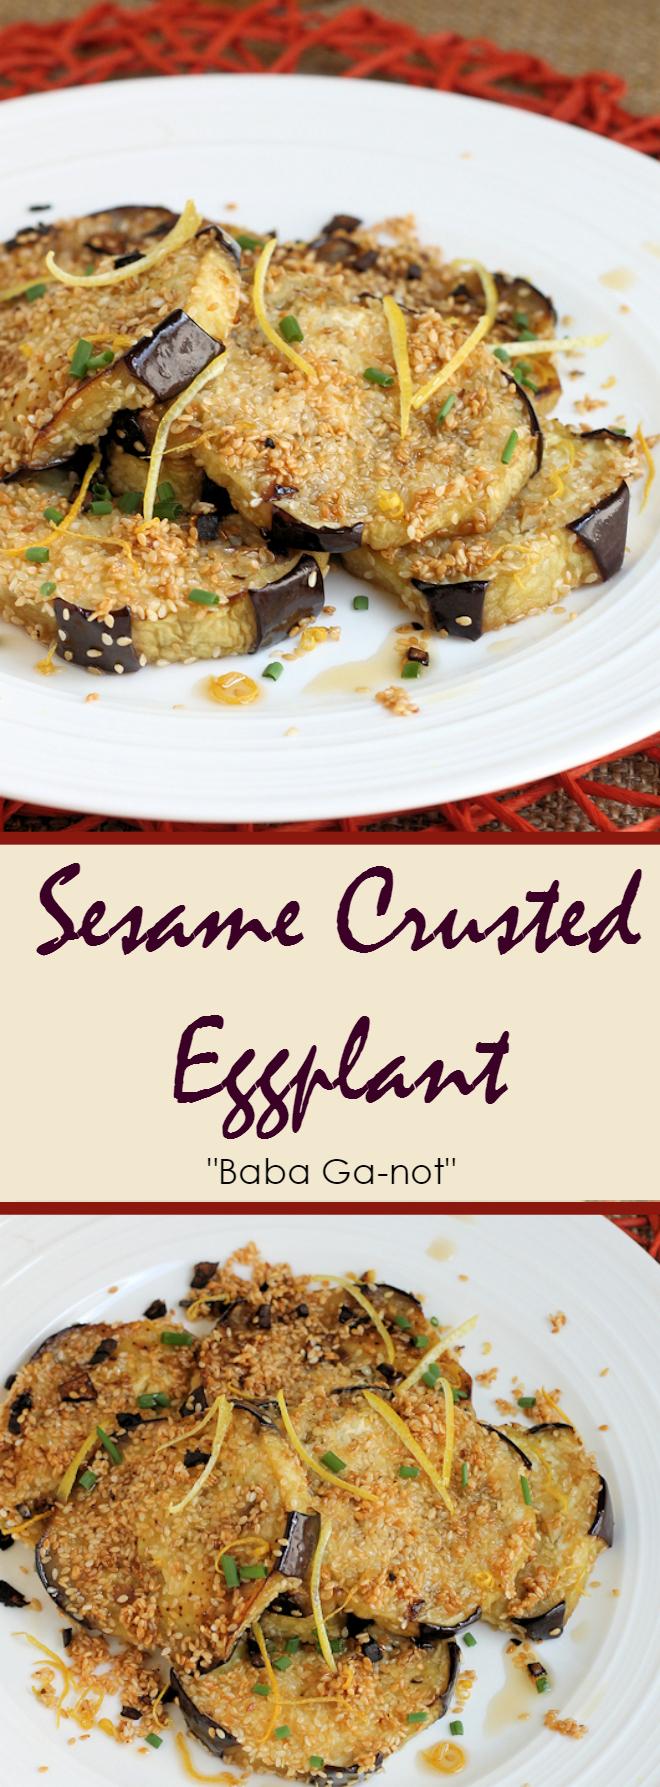 Sesame Crusted Eggplant